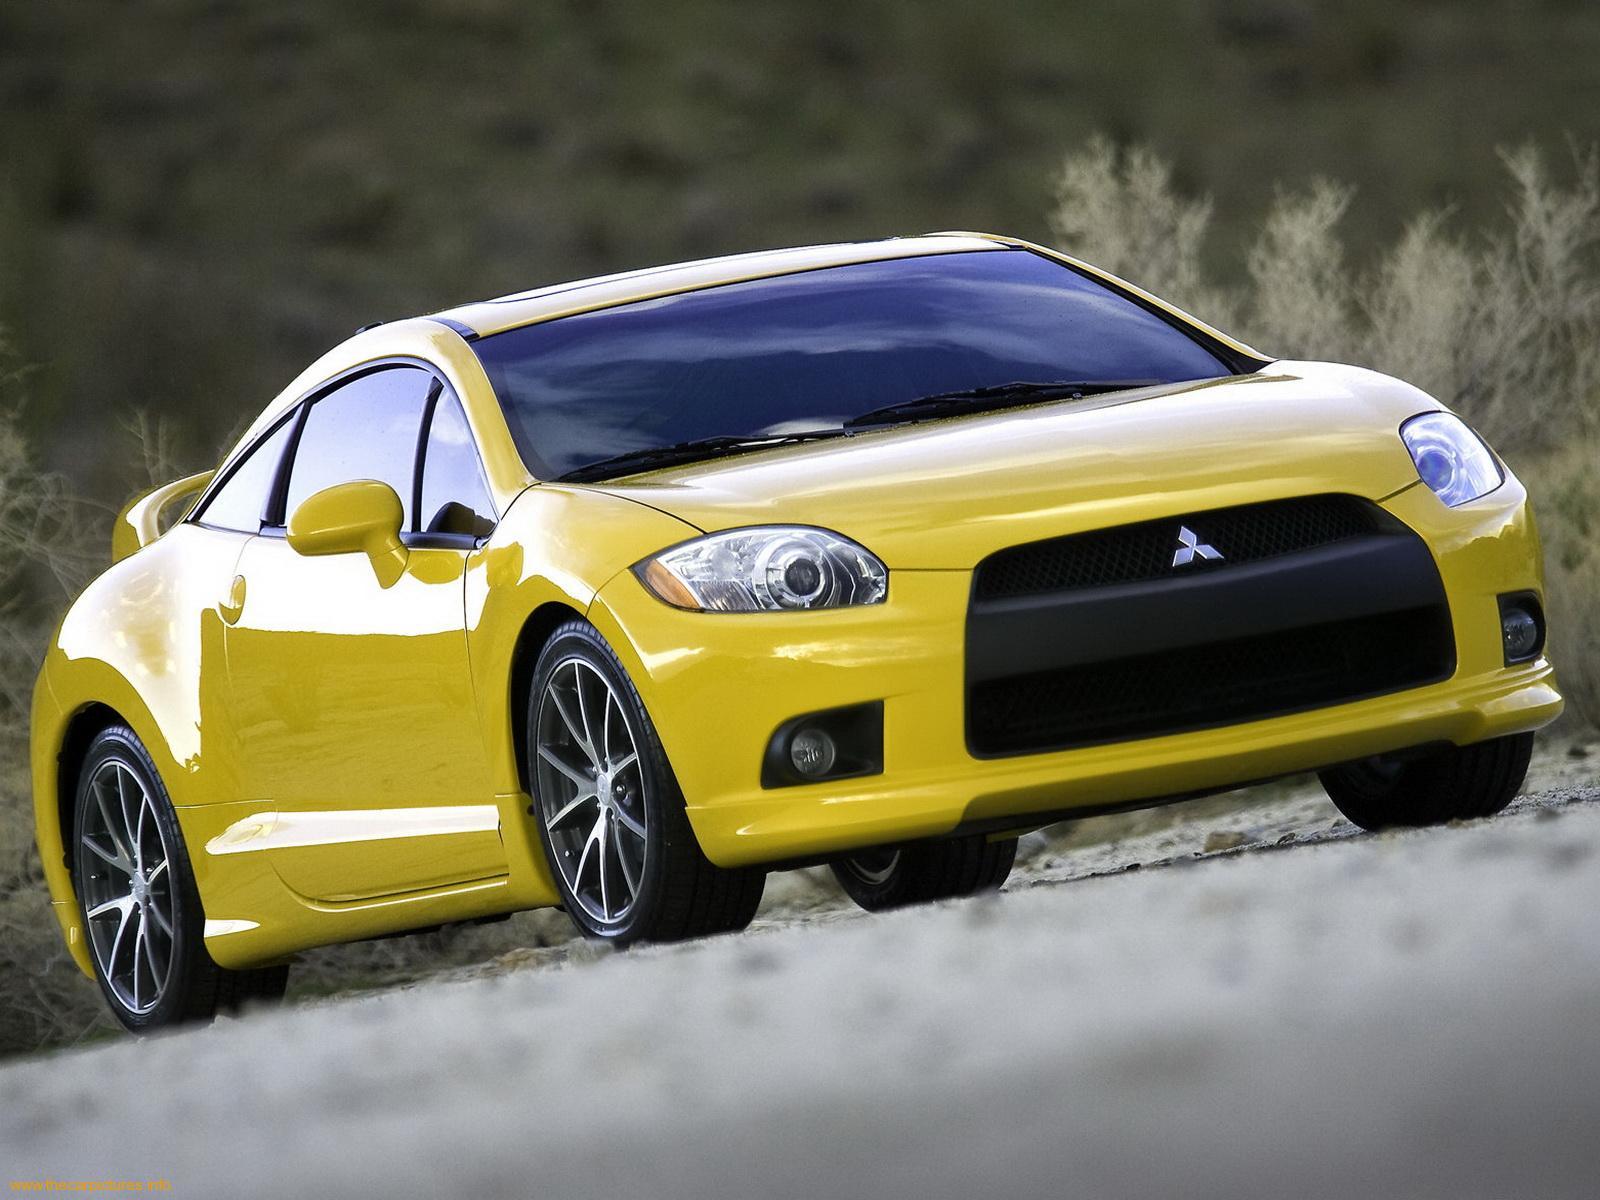 http://2.bp.blogspot.com/-GhDtCQdBNWM/TbSKT6KgCeI/AAAAAAAAAno/BX2KzlGImP4/s1600/Mitsubishi-Eclipse-yellow-design.jpeg